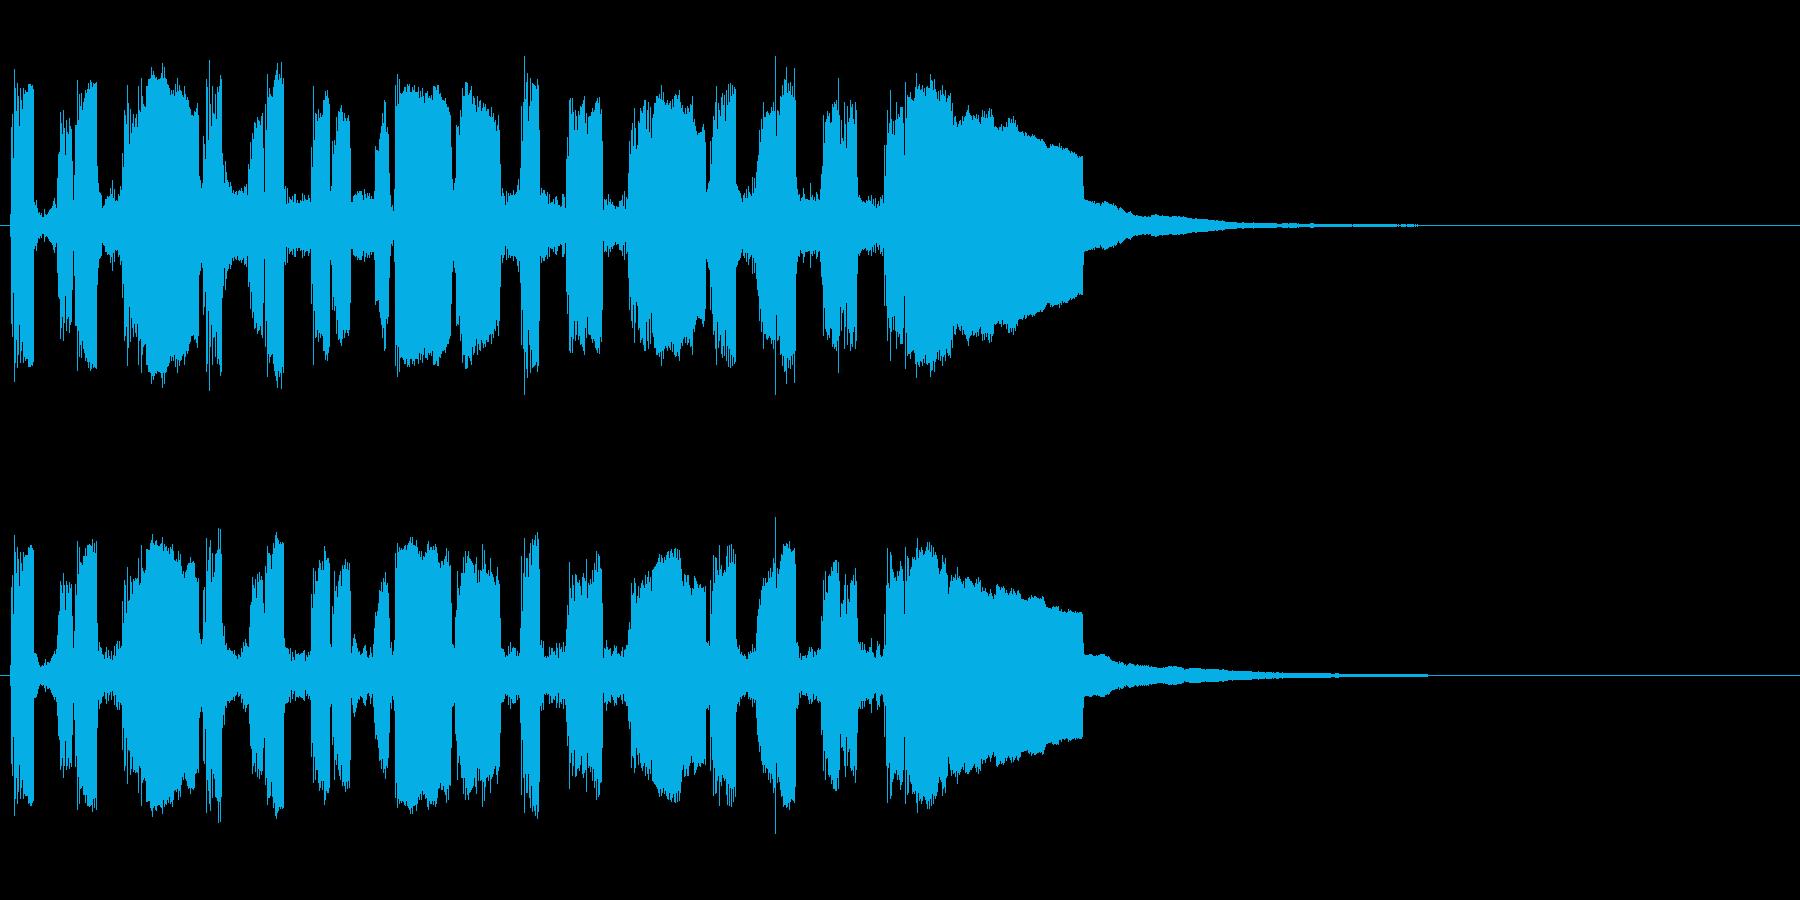 オリジナルメロディーの突撃ラッパ風の再生済みの波形